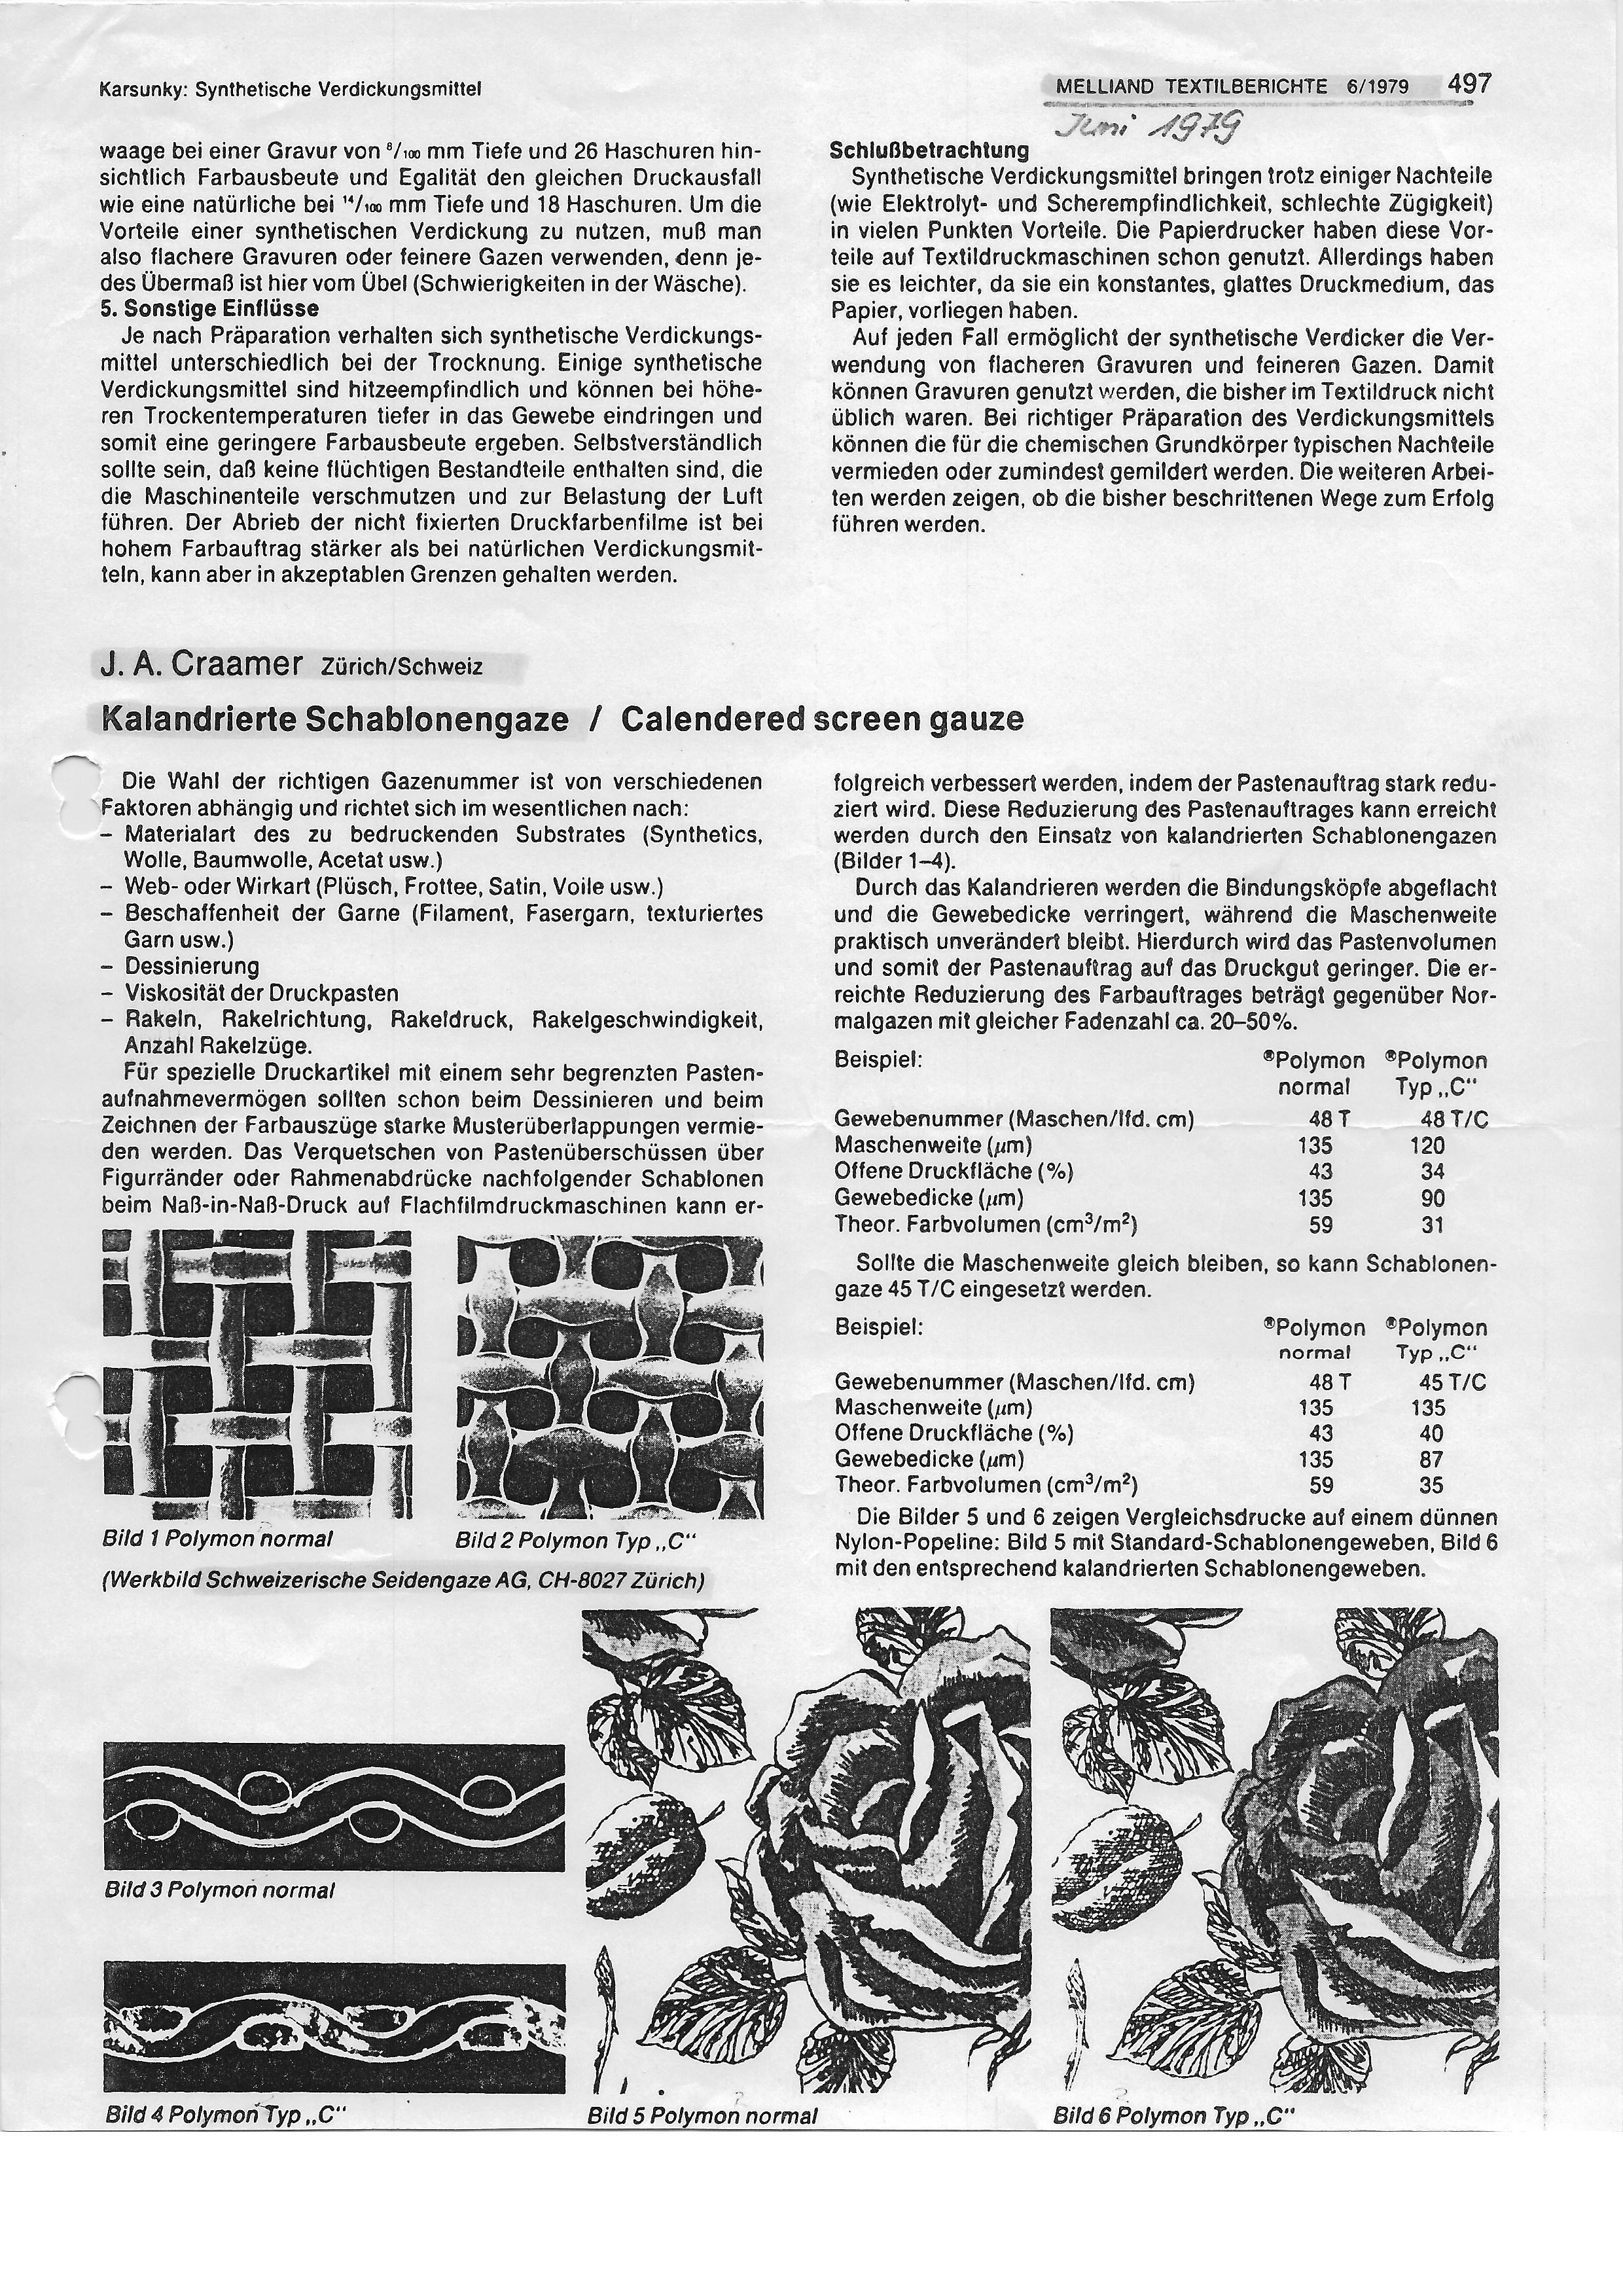 Kalandrierte Schablonengazen